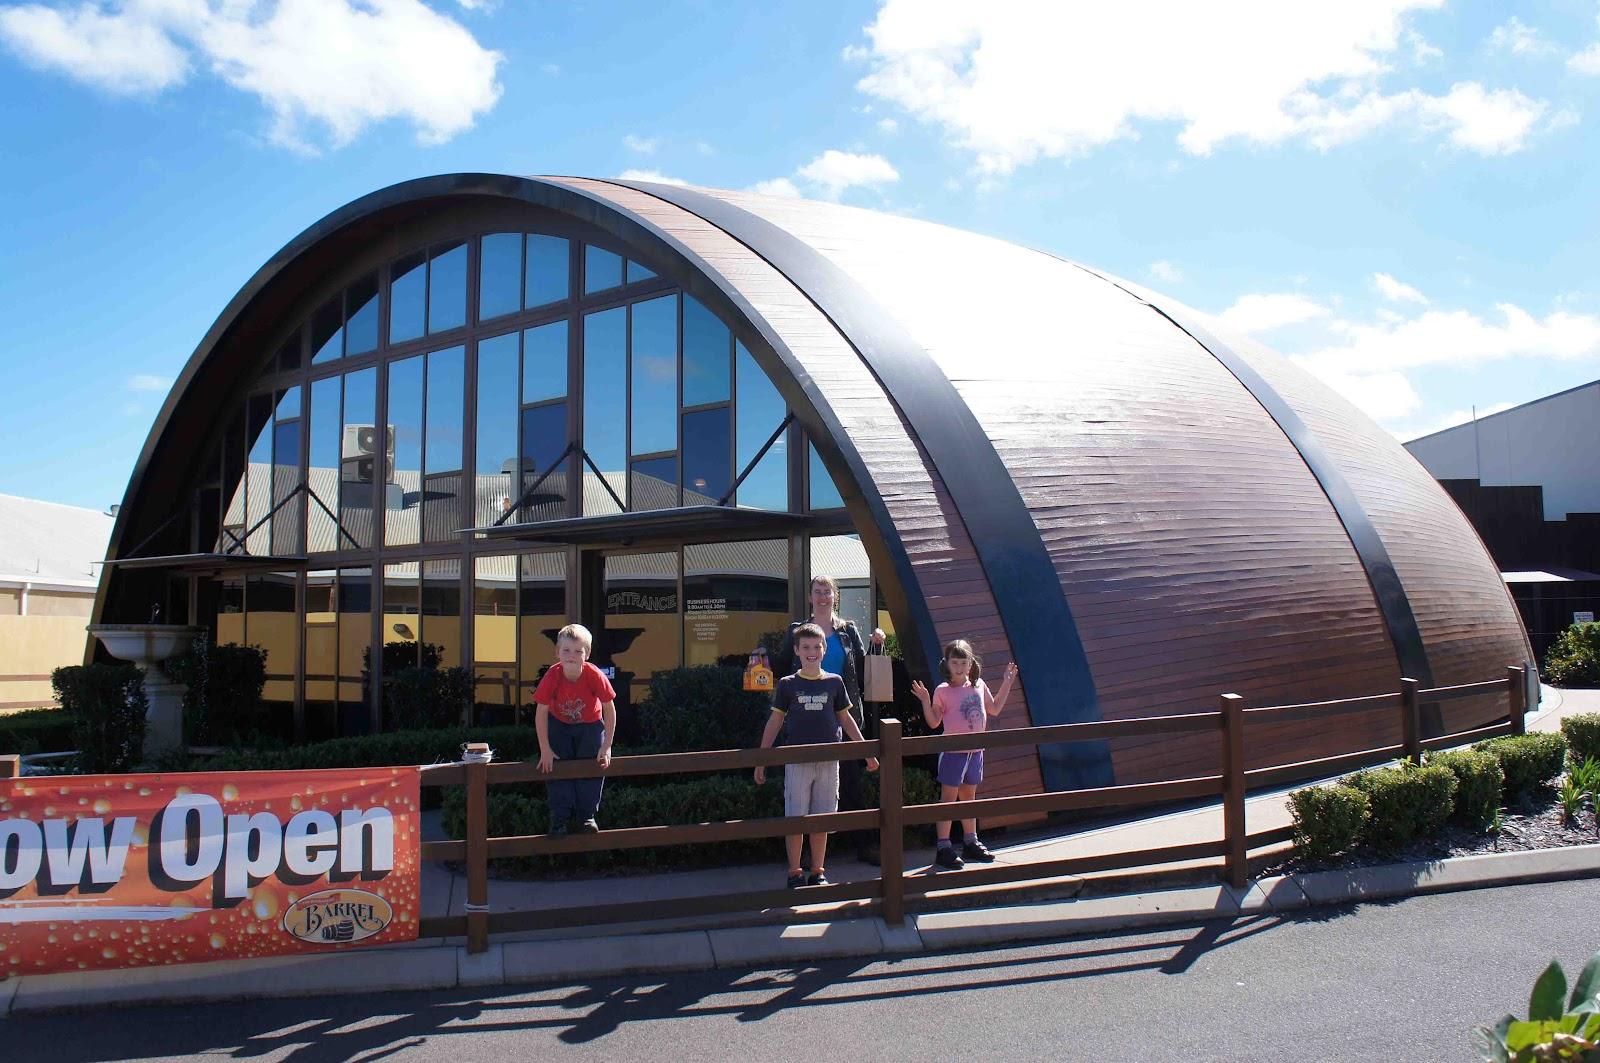 Big Barrel de Bundaberg